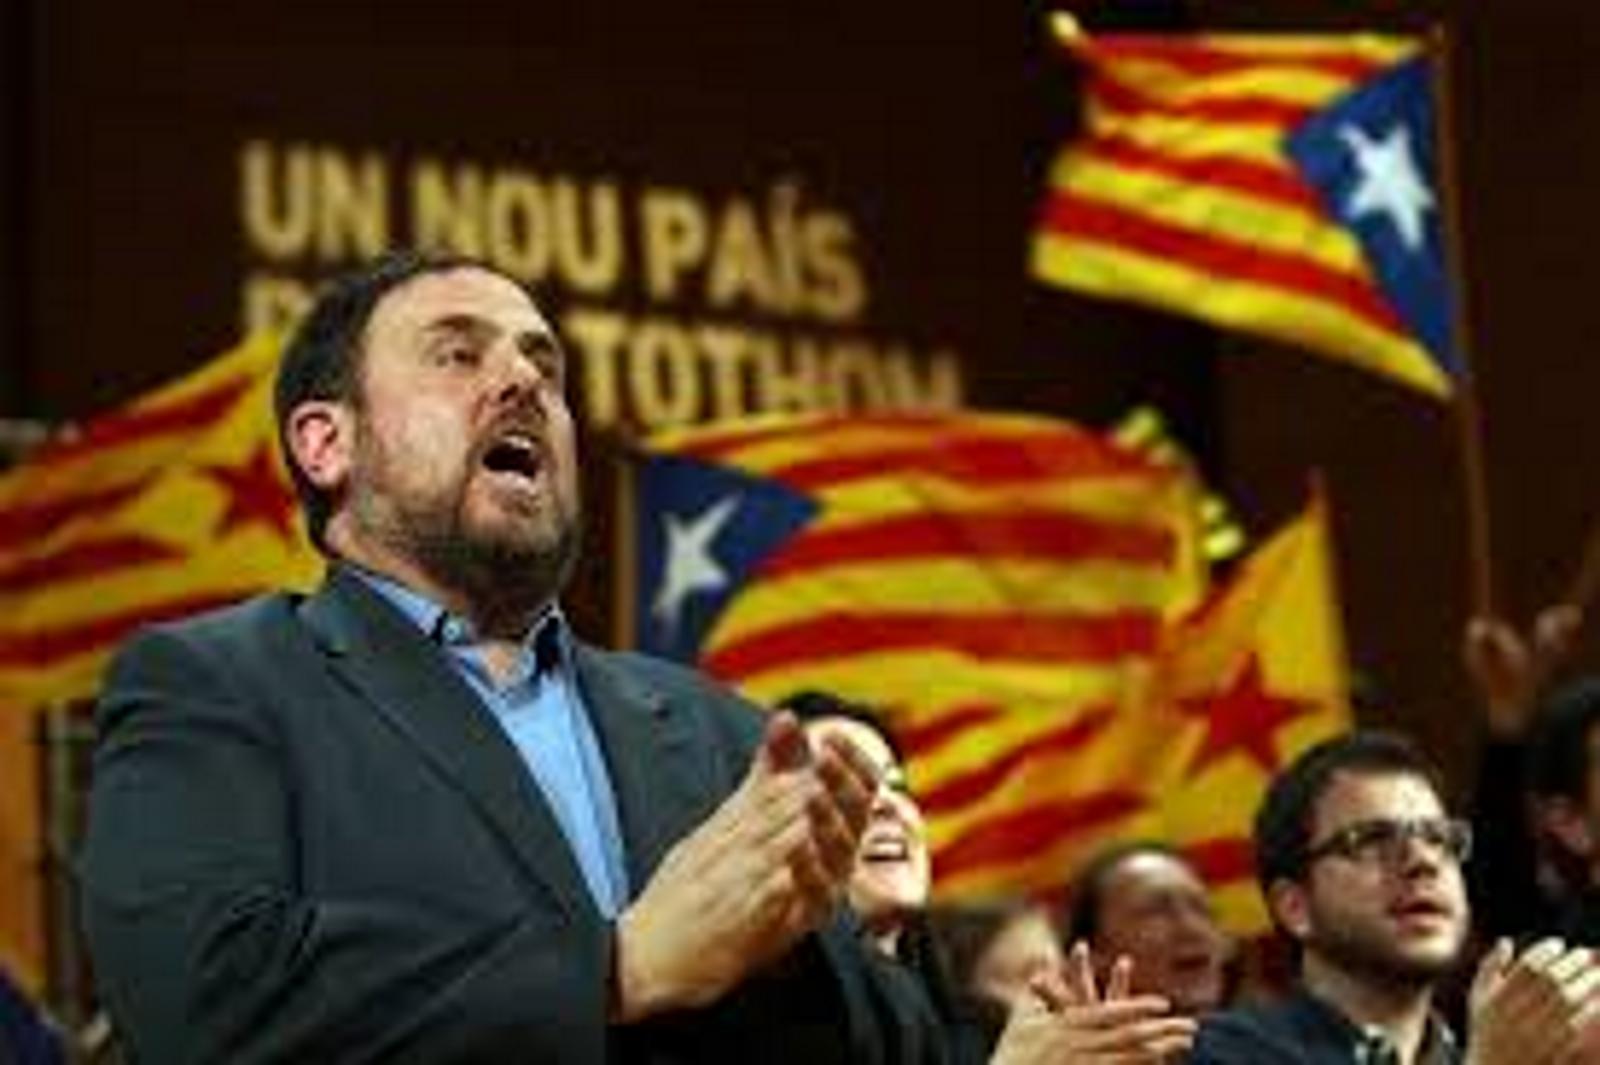 El ultra Junqueras ganaría las elecciones y Podemos se estrena en el Parlamento de Cataluña, según el CEO